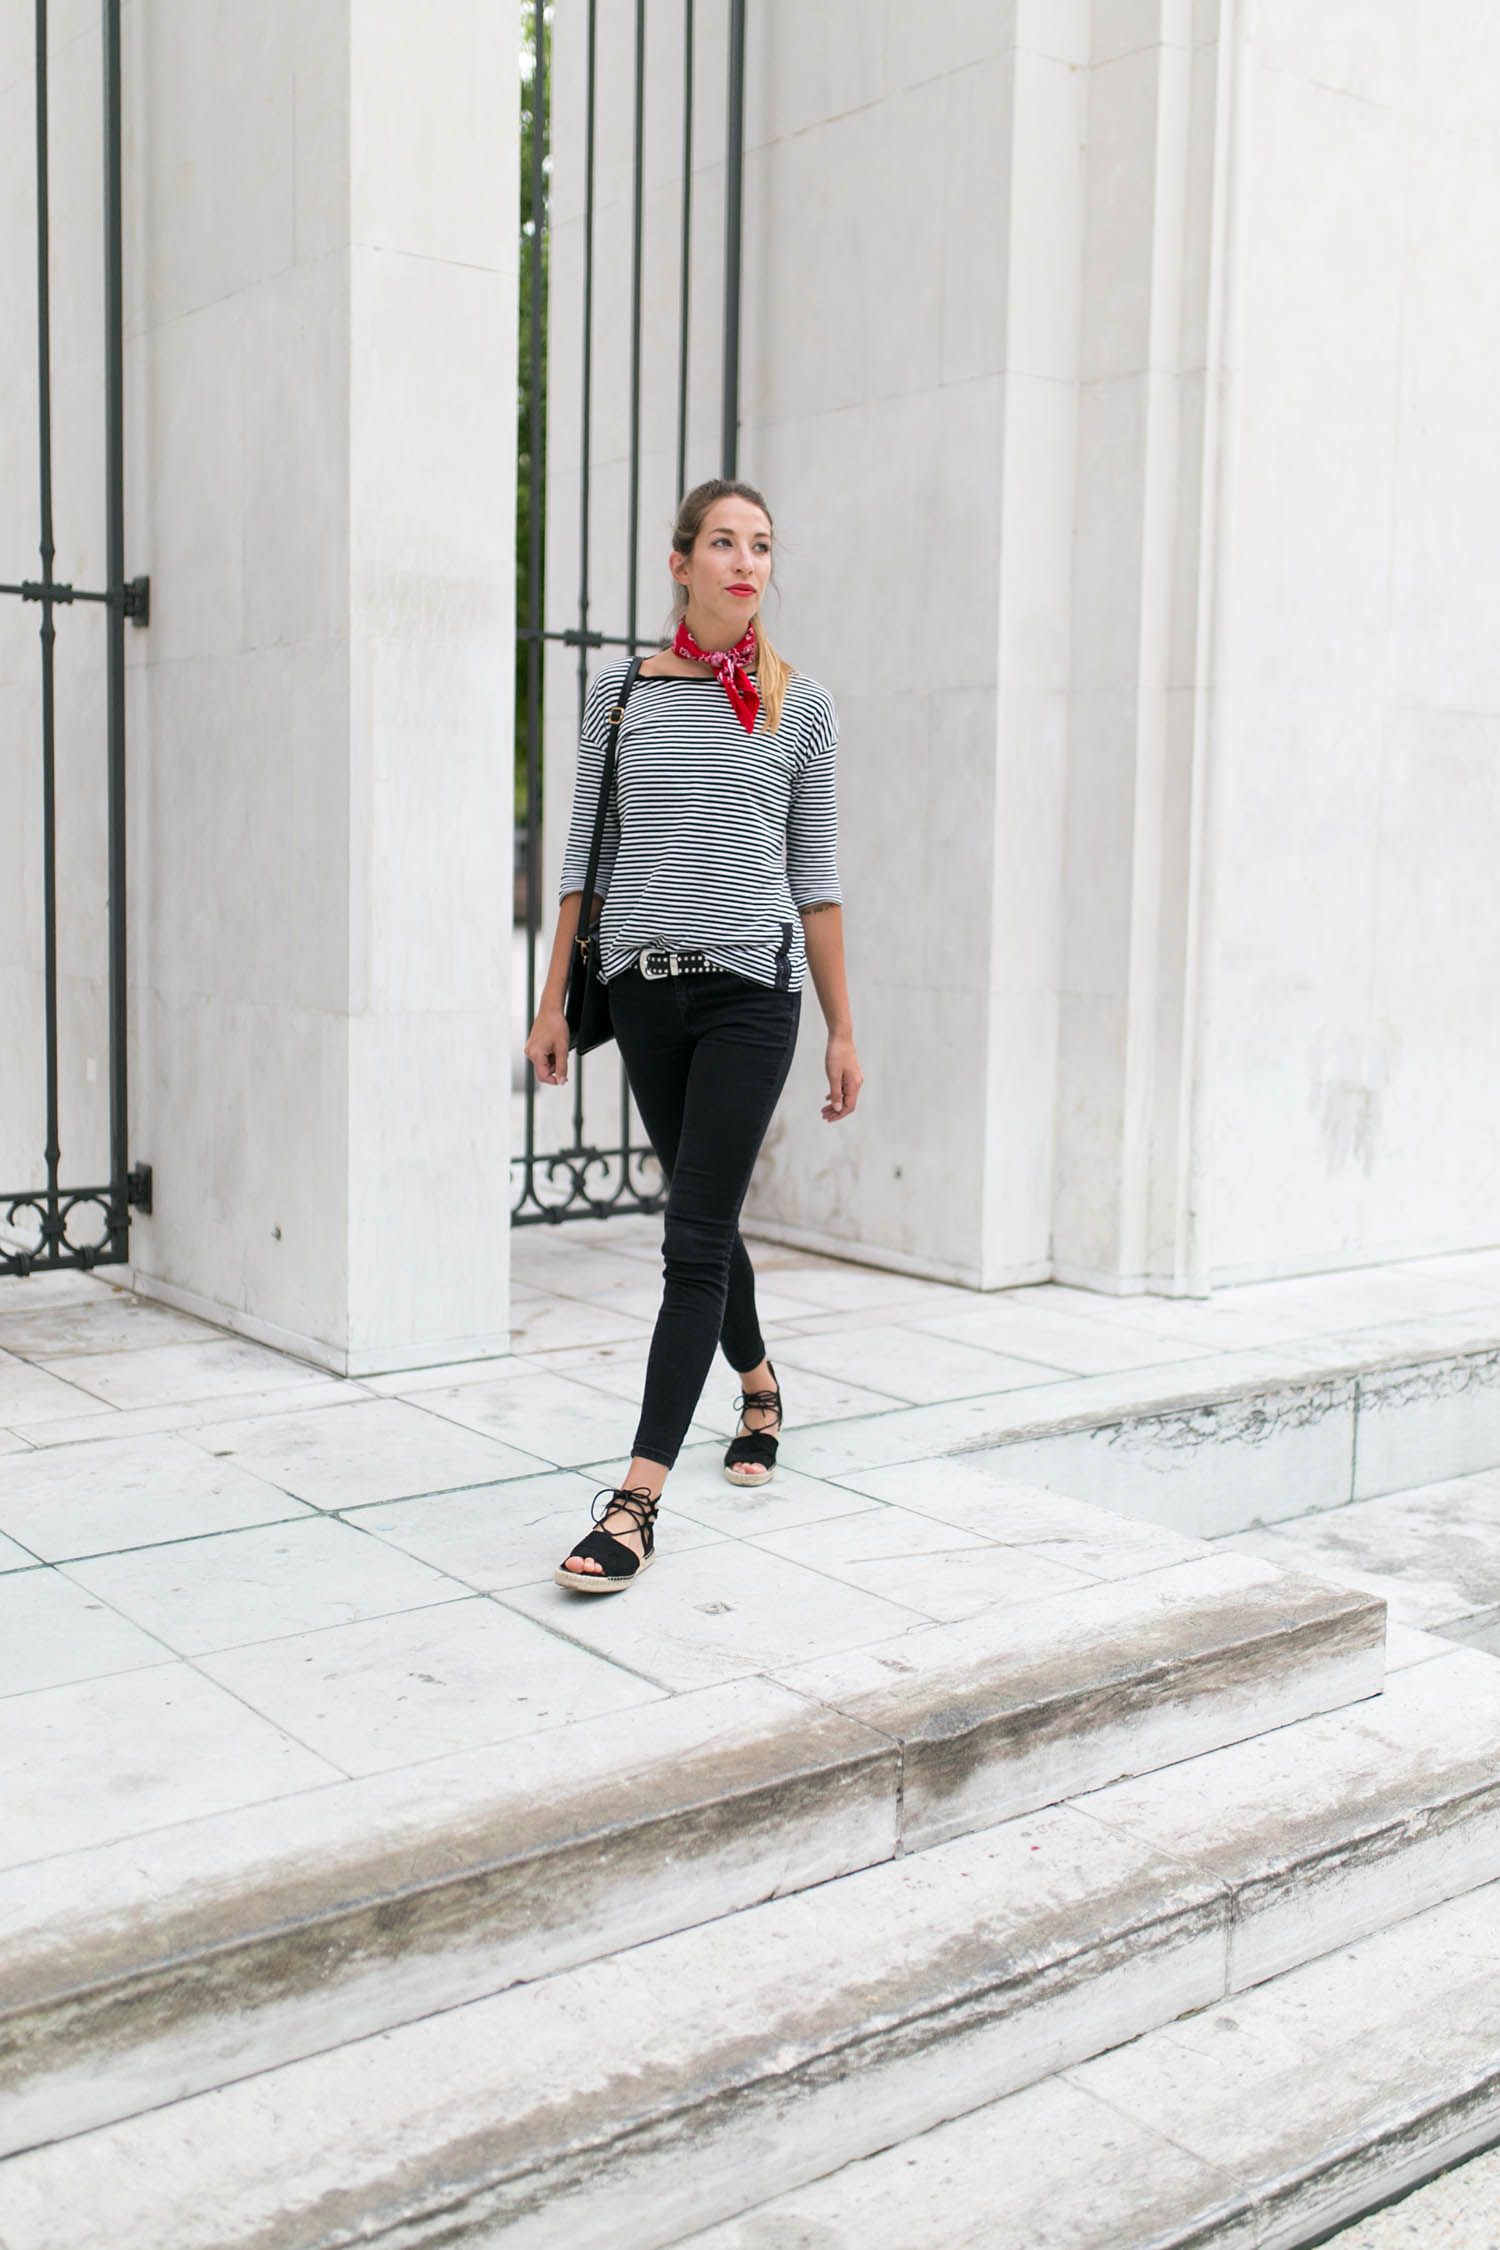 liebreizend-fashionblog-tirol-modeblog-oesterreich-bandana-streifen-shirt1